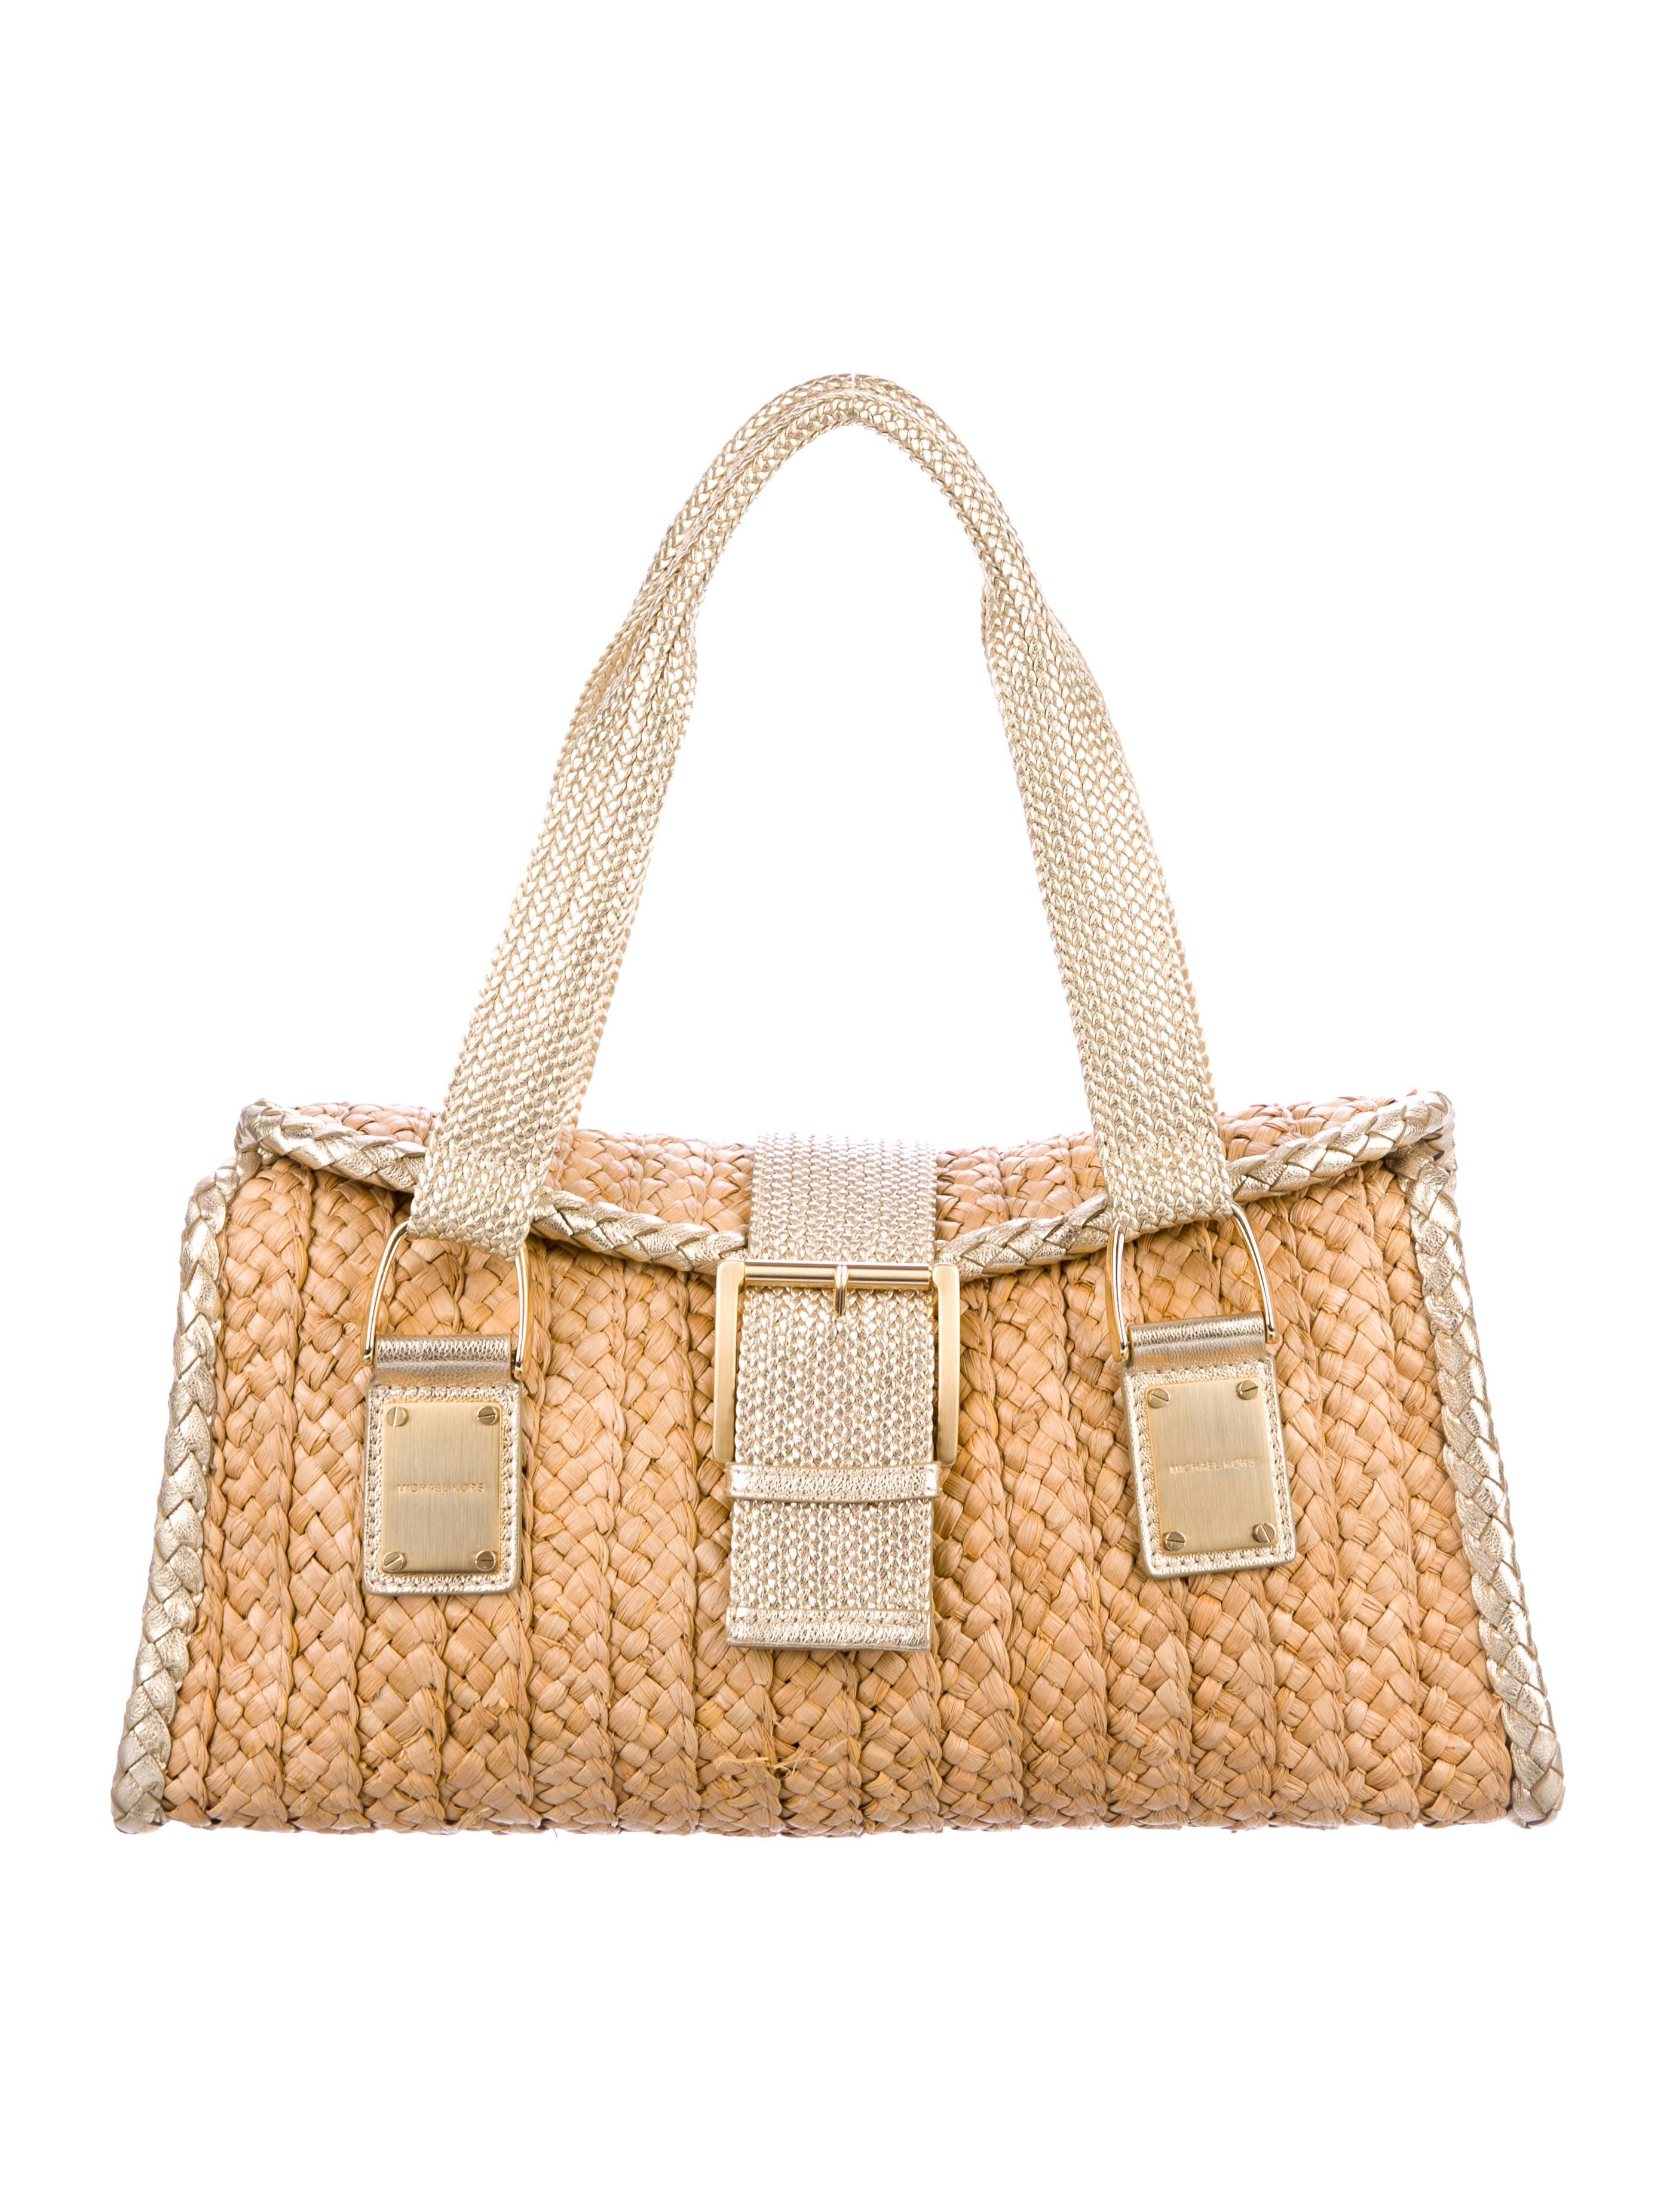 d76c575a60cf Michael Michael Kors Leather-Trimmed Raffia Shoulder Bag - Handbags -  WM528210